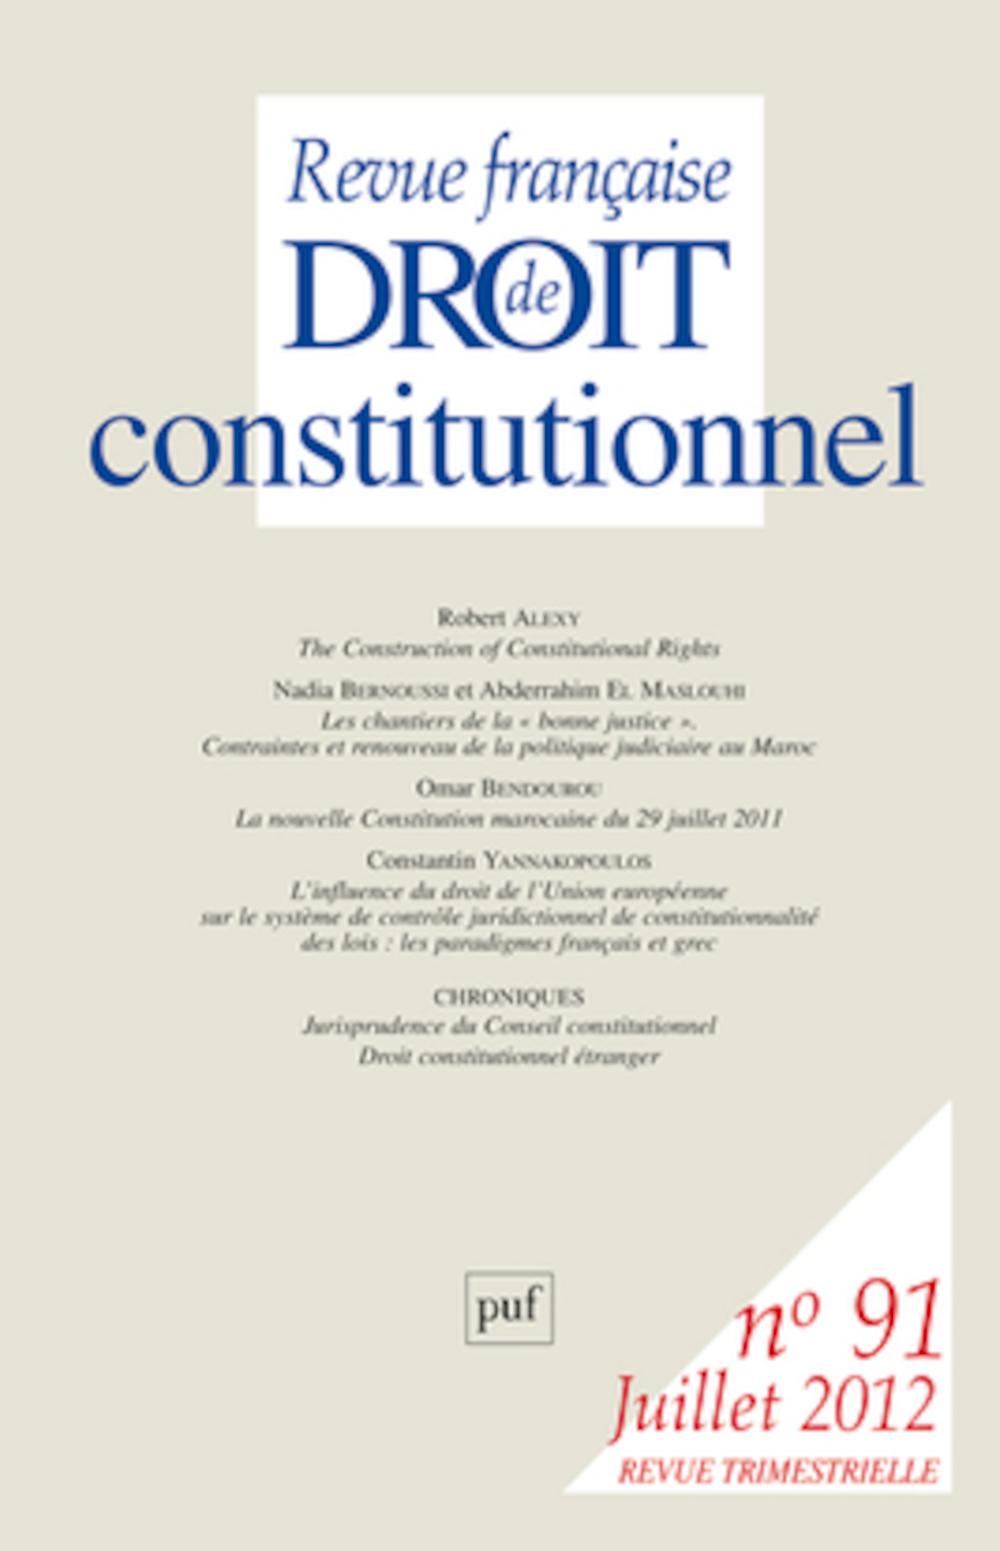 Revue Française De Droit Constitutionnel : revue, française, droit, constitutionnel, Revue, Française, Droit, Constitutionnel,, Fiche, Diffusion, Dimedia